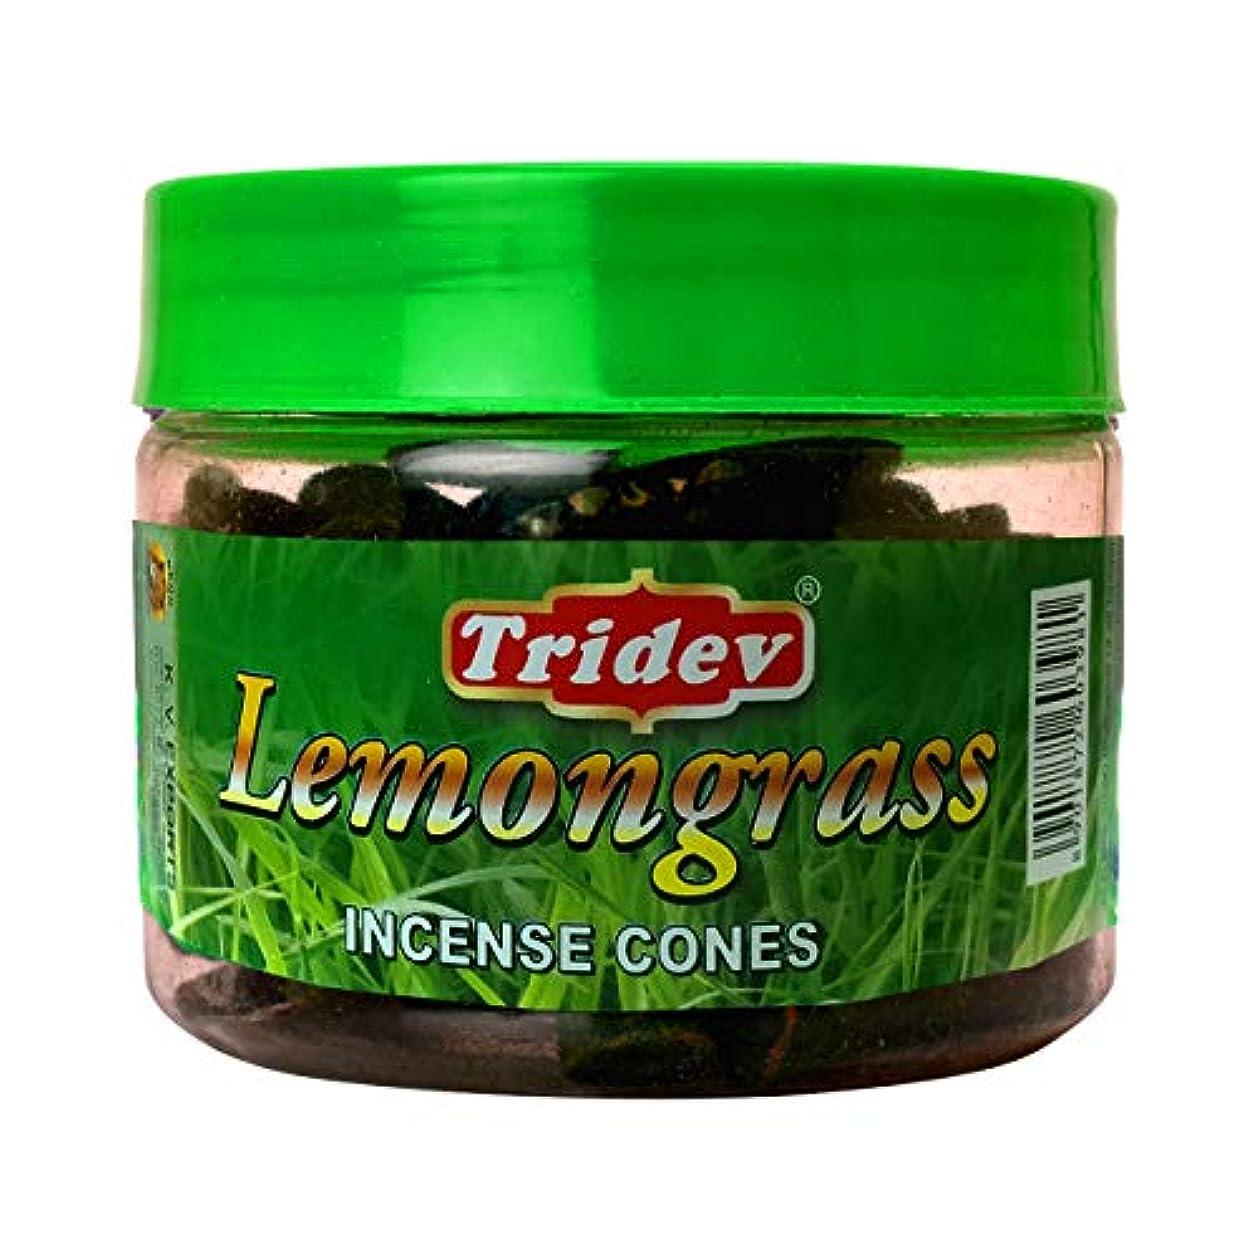 焦がすジョブ余分なTridev レモングラスフレグランス コーン型お香瓶 1080グラム ボックス入り 12個入り 輸出品質